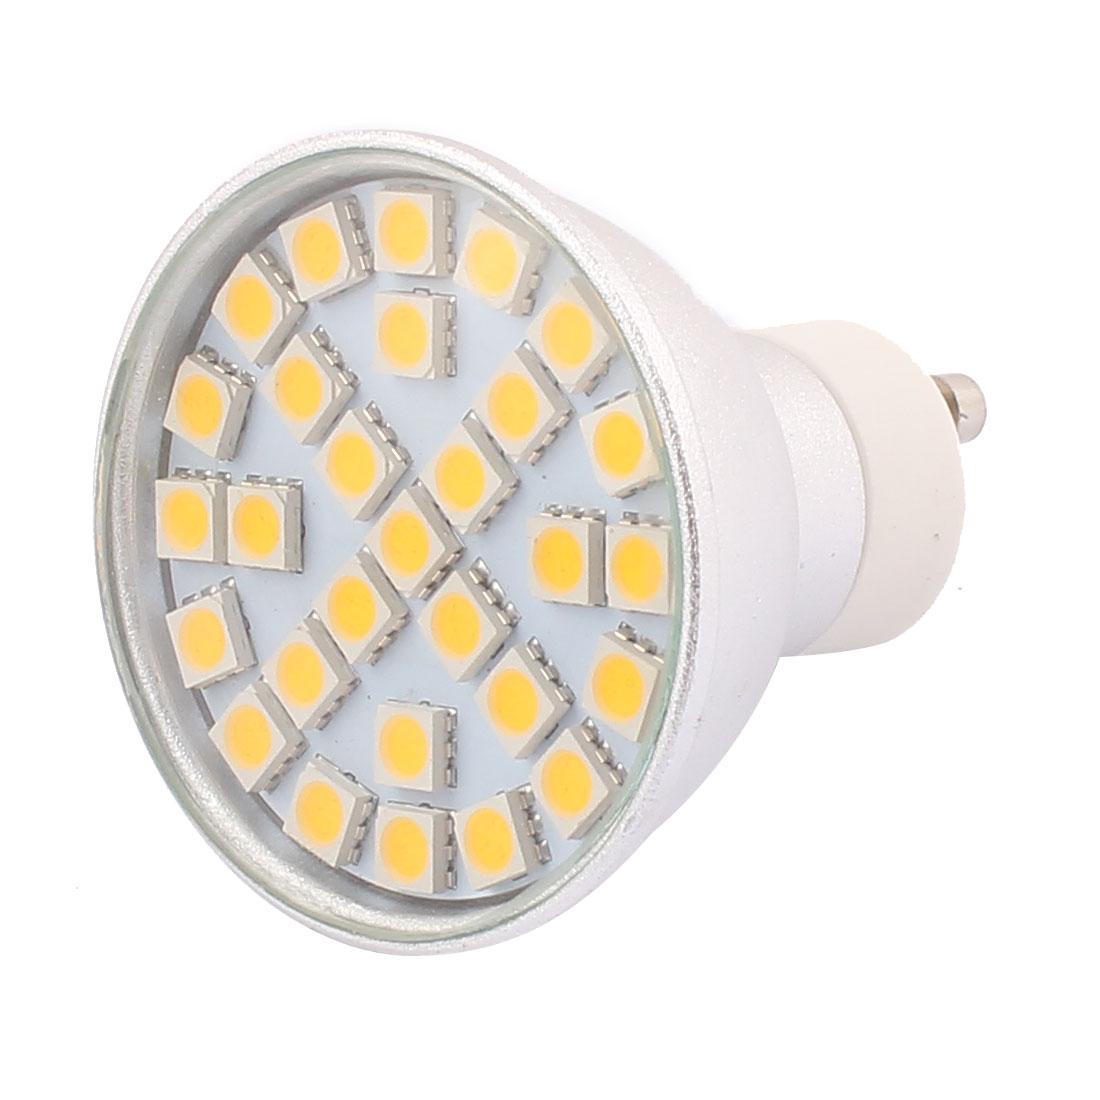 GU10 SMD5050 29LEDs Aluminum Energy Saving LED Lamp Bulb Warm White AC 110V 5W